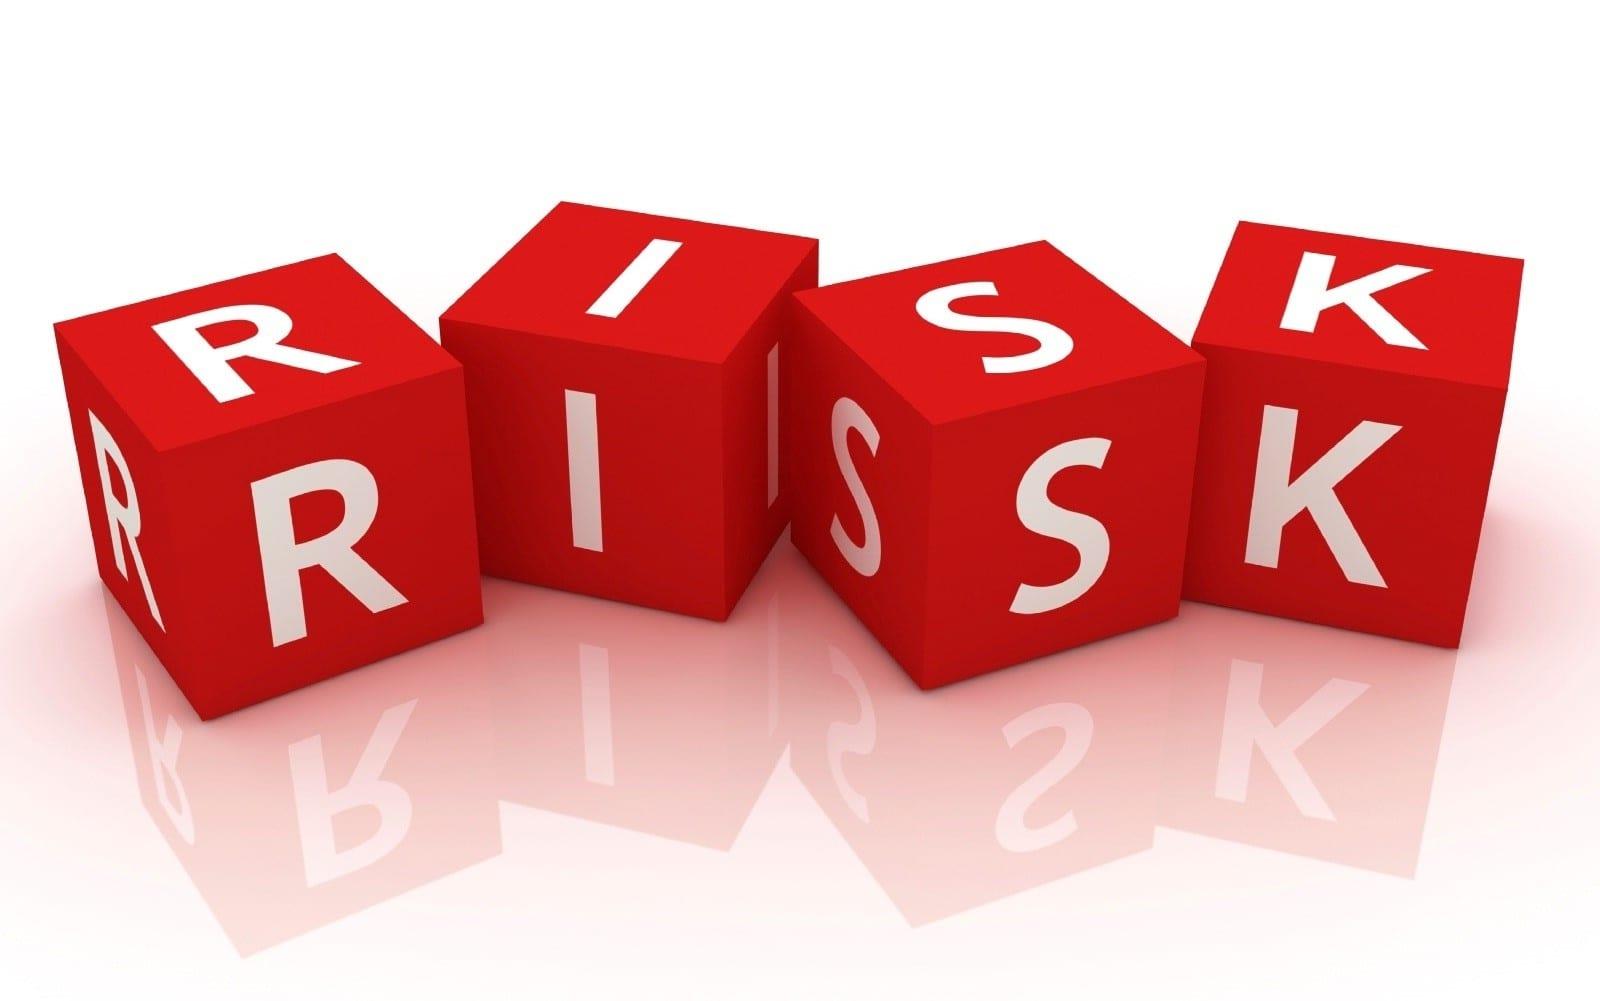 انواع ریسک در بازار بورس که باید از آن ها دوری کنید